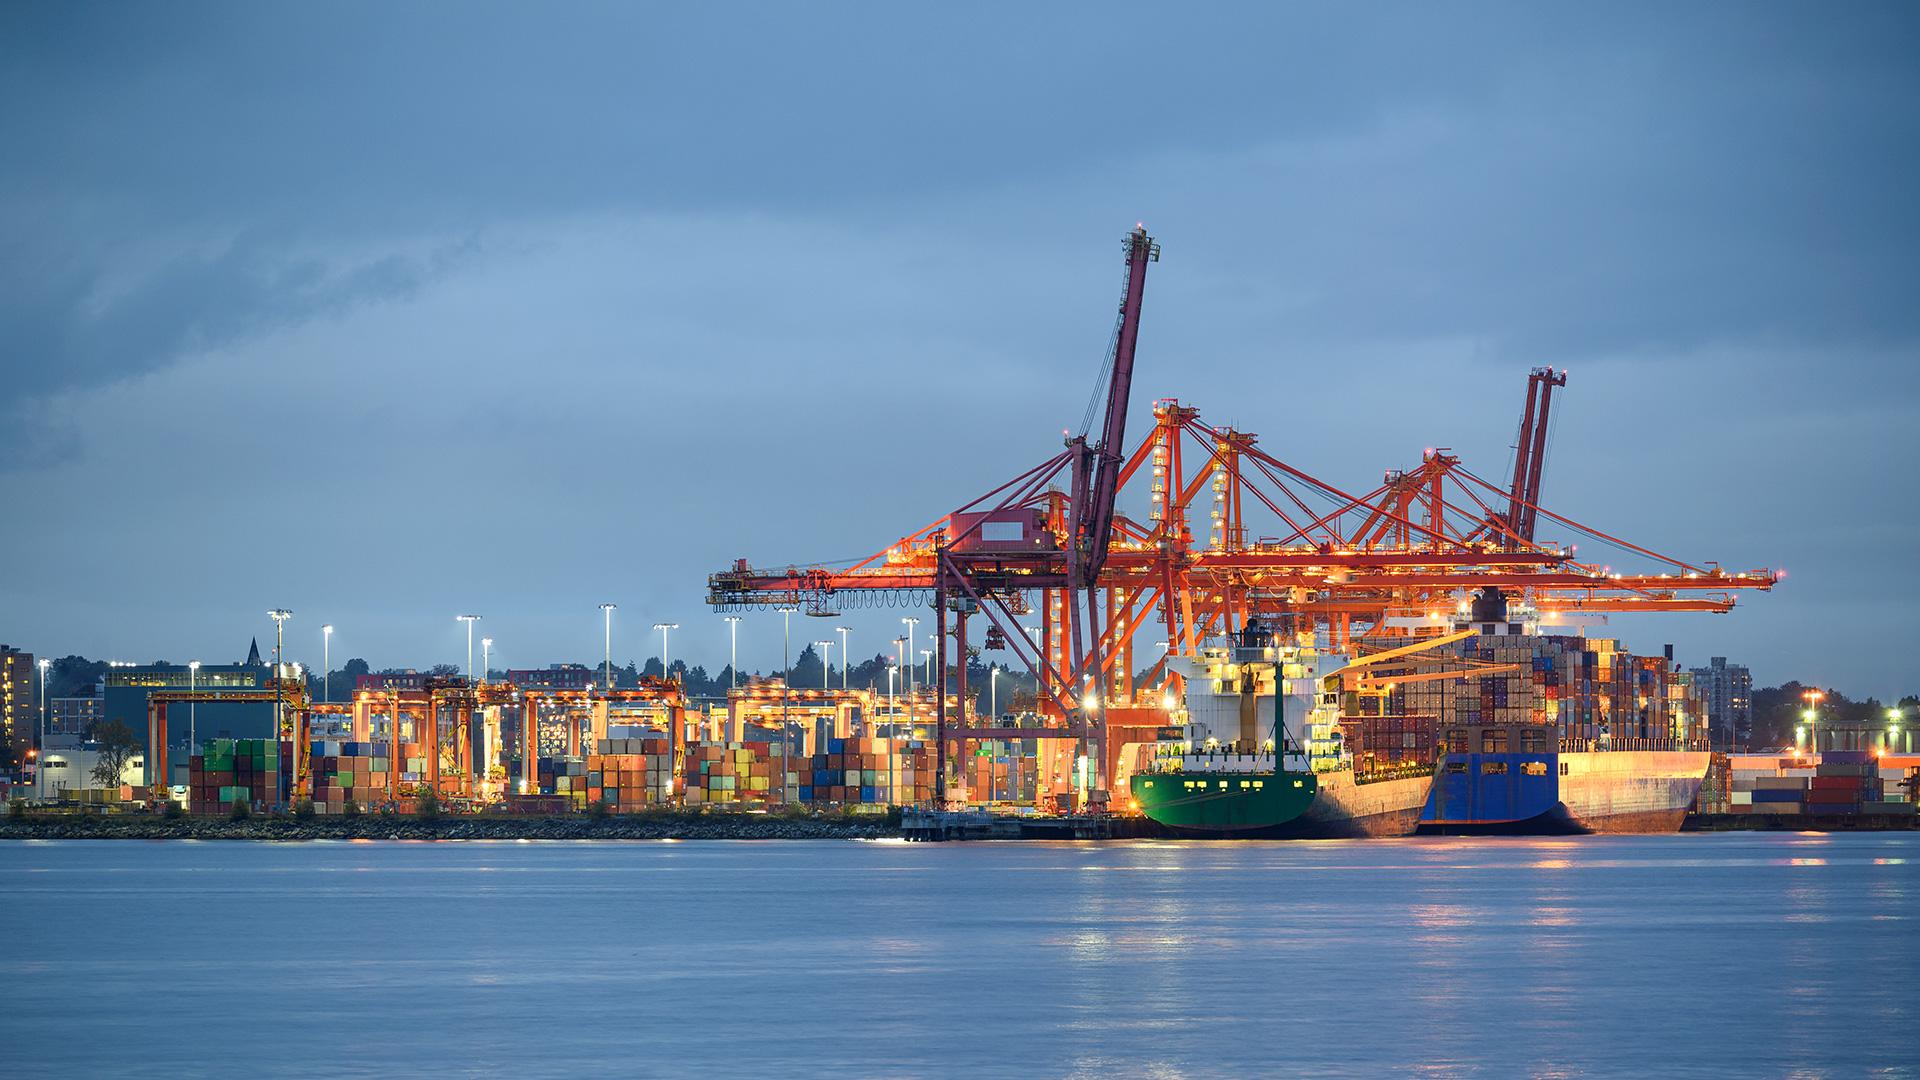 Ouvert aux échanges commerciaux : les marchandises continuent de traverser la frontière entre le Canada et les États-Unis